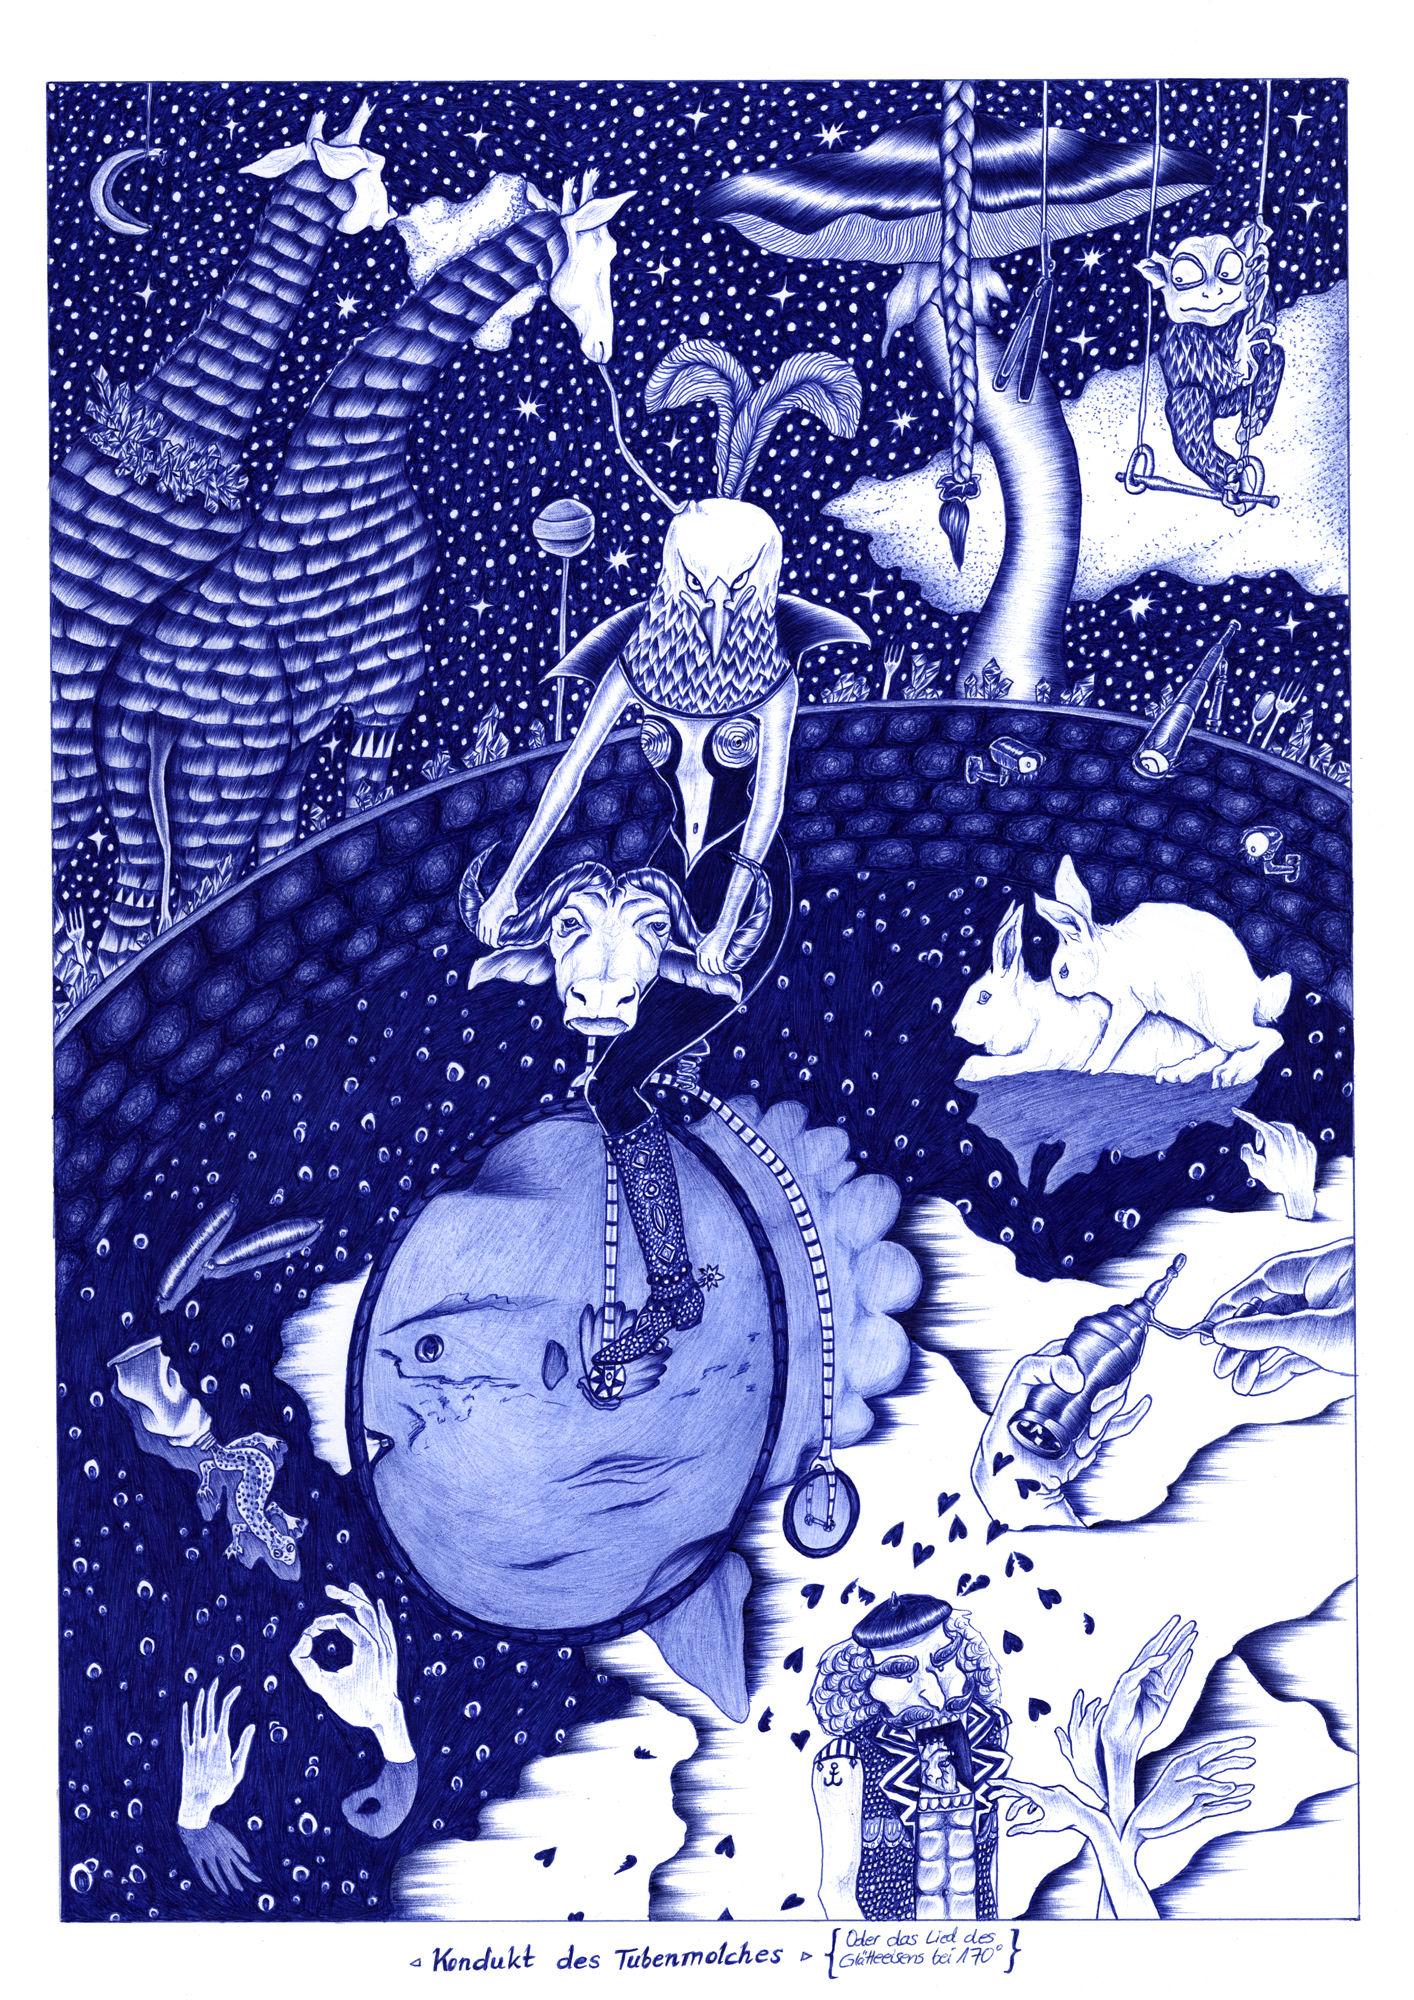 DENISE PETERSEN - Fumetto Comic 2019  - Kondukt des Tubenmolches (Oder das Lied des Glätteeisens bei 170 Grad)